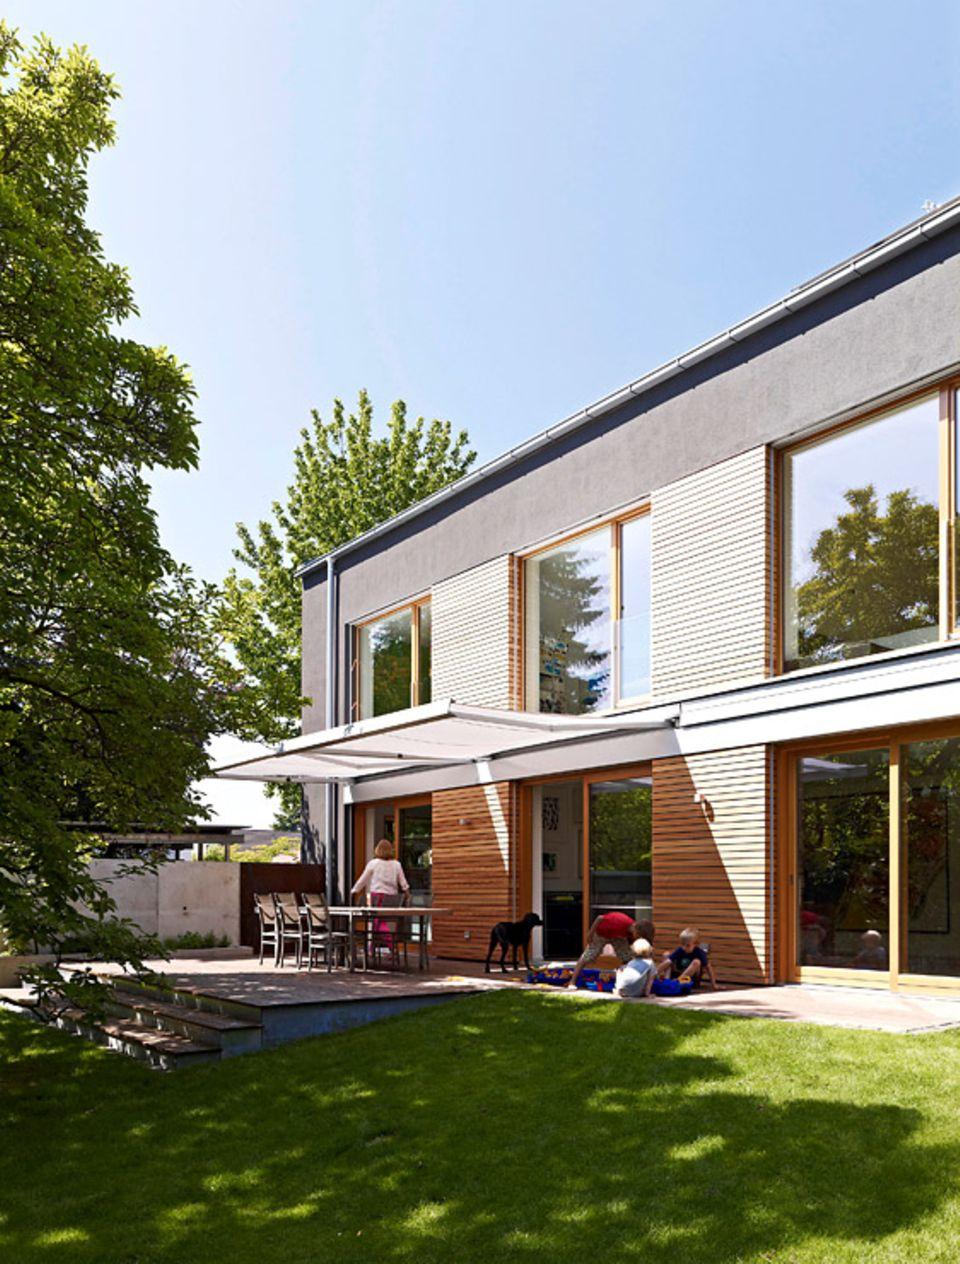 Wissen: Auch eine Holzfassade lässt sich gut mit dunklen Farben kombinieren